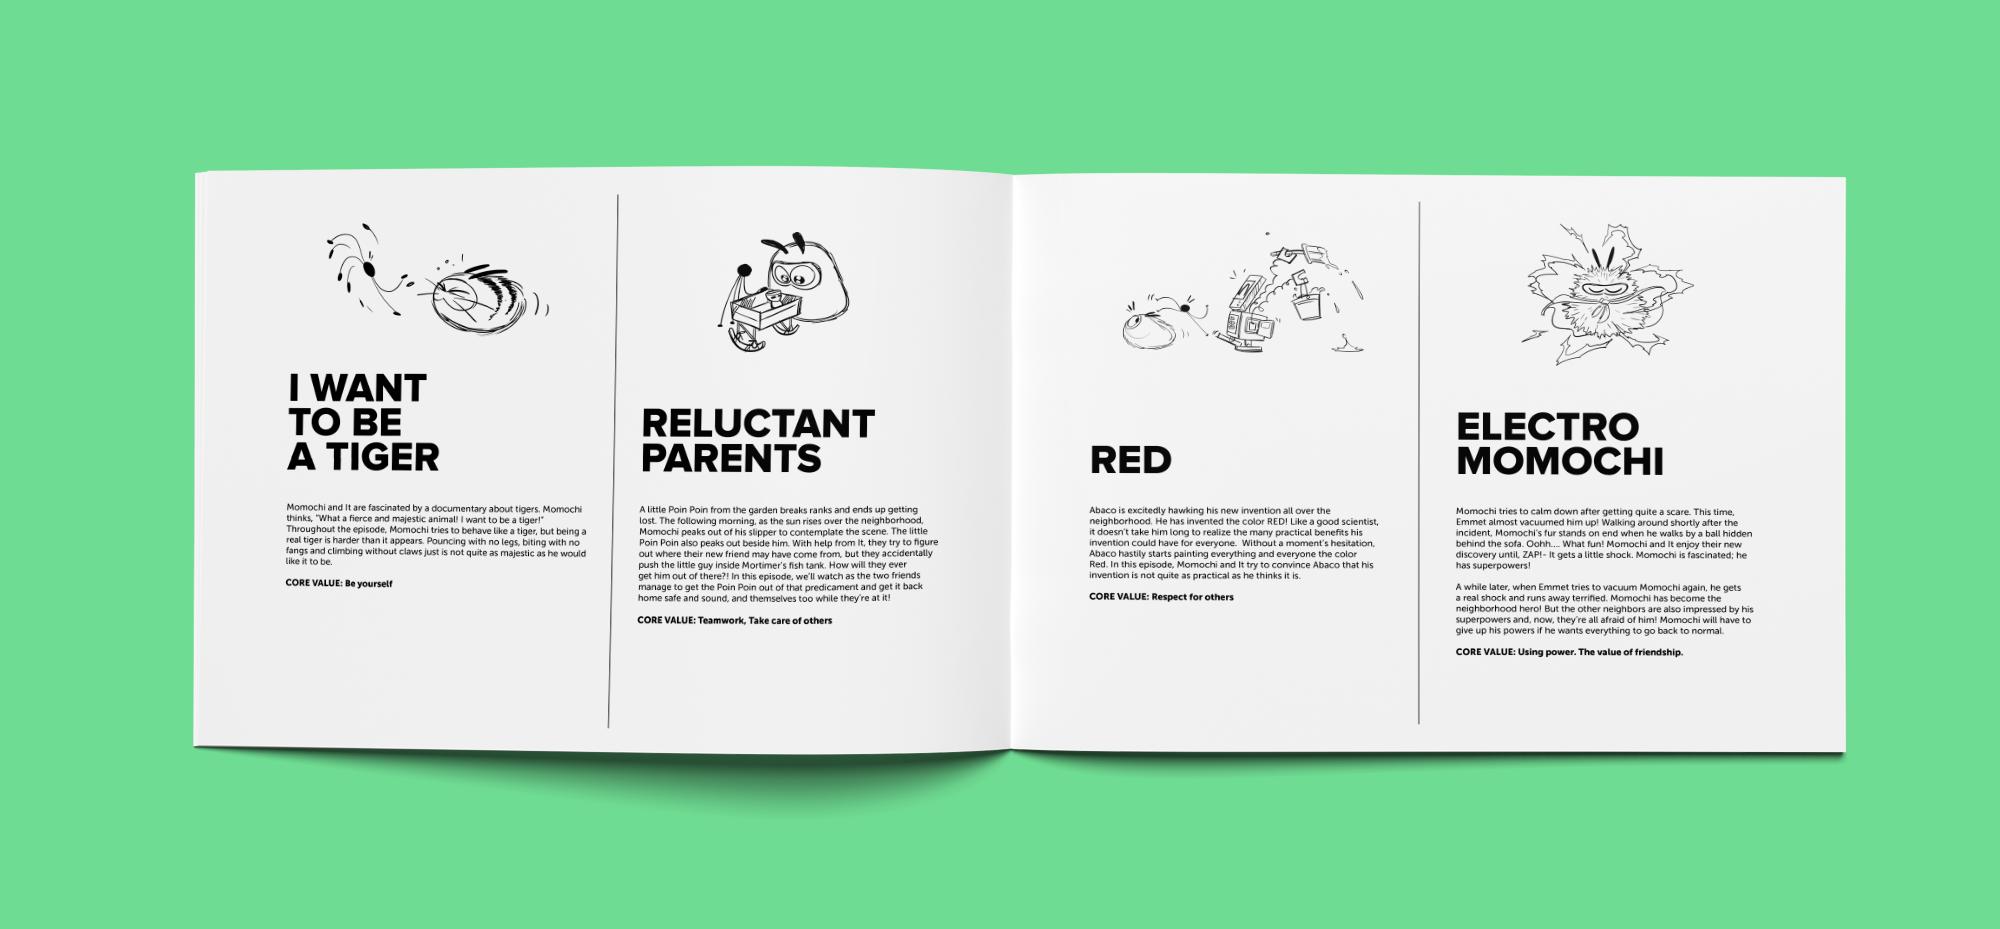 Momochi, Proyecto de Identidad, Ilustración & Editorial por The Woork Co